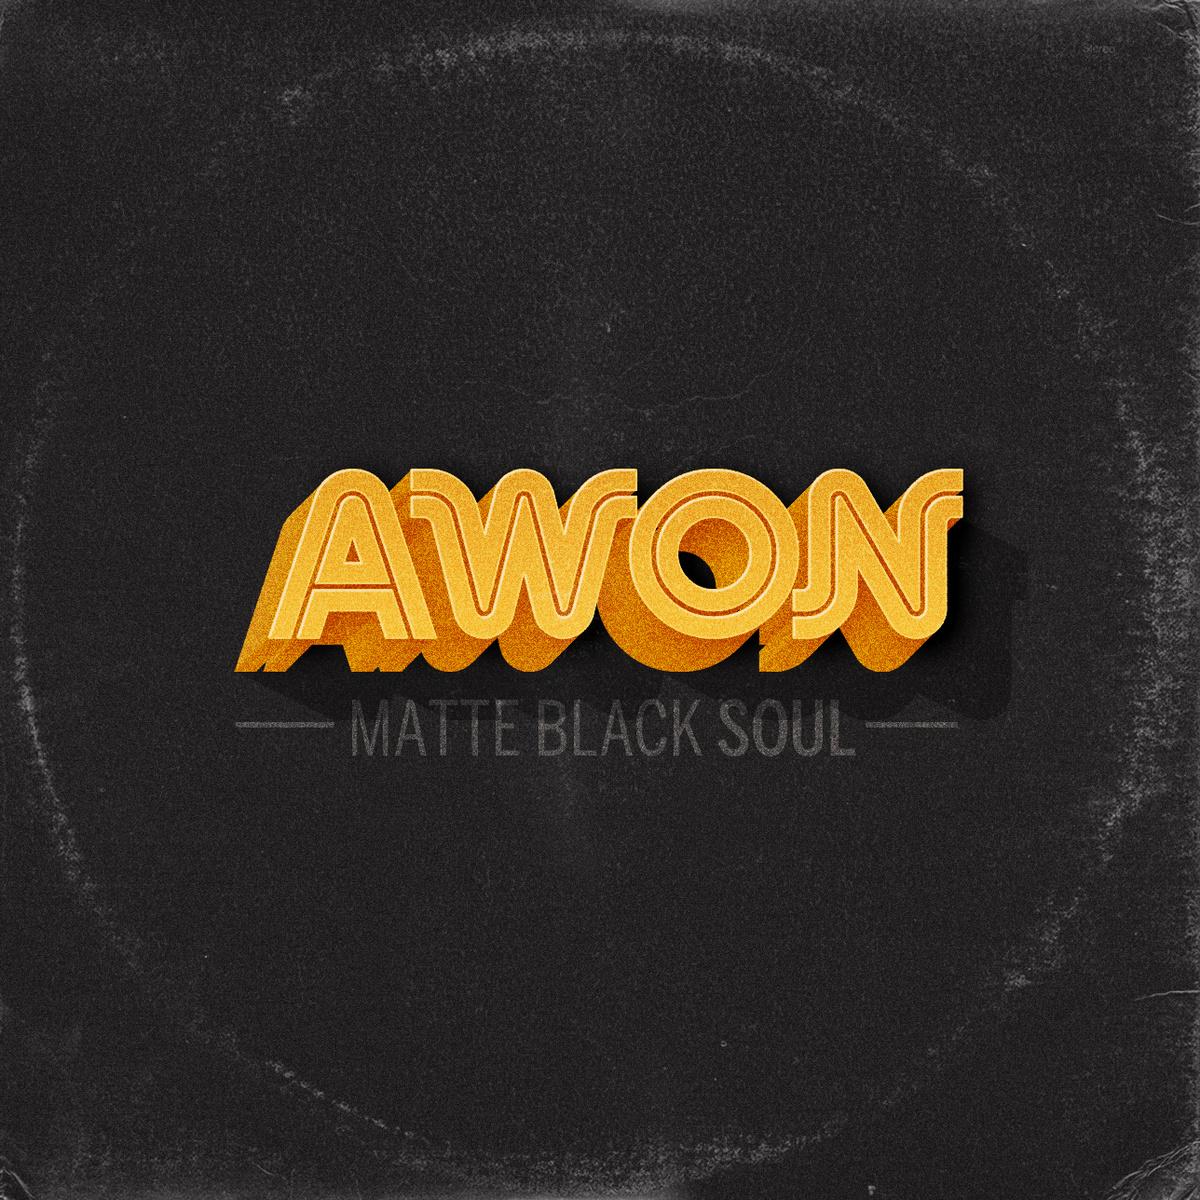 Listen: Awon – Matte Black Soul